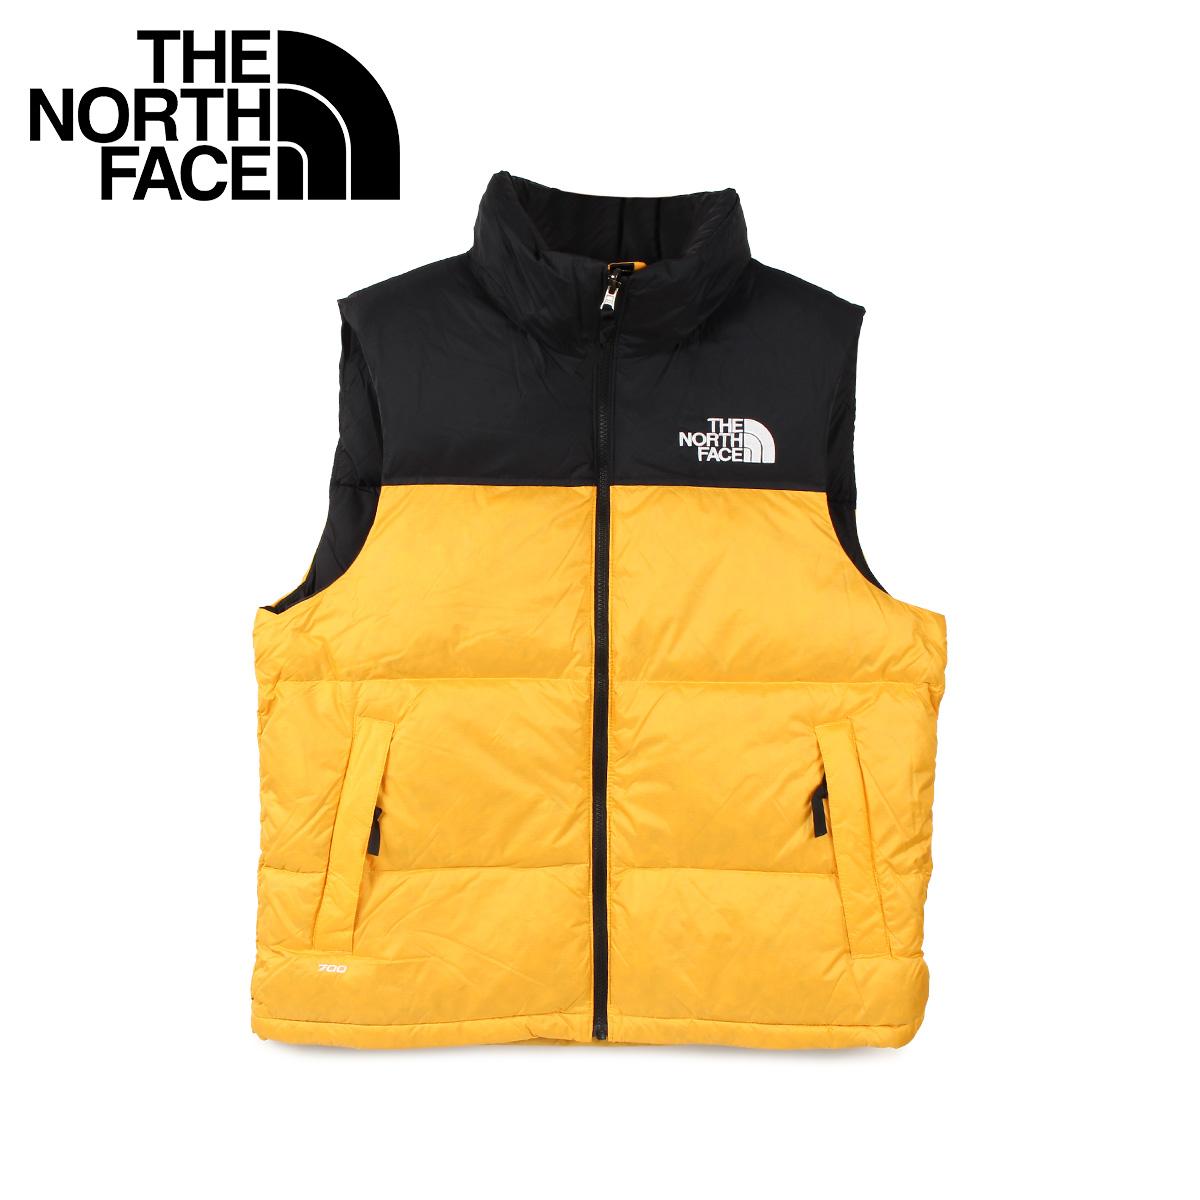 THE NORTH FACE ノースフェイス ダウンベスト ベスト レトロ ヌプシ メンズ 1996 RETRO NUPTSE VEST イエロー NF0A3JQQ